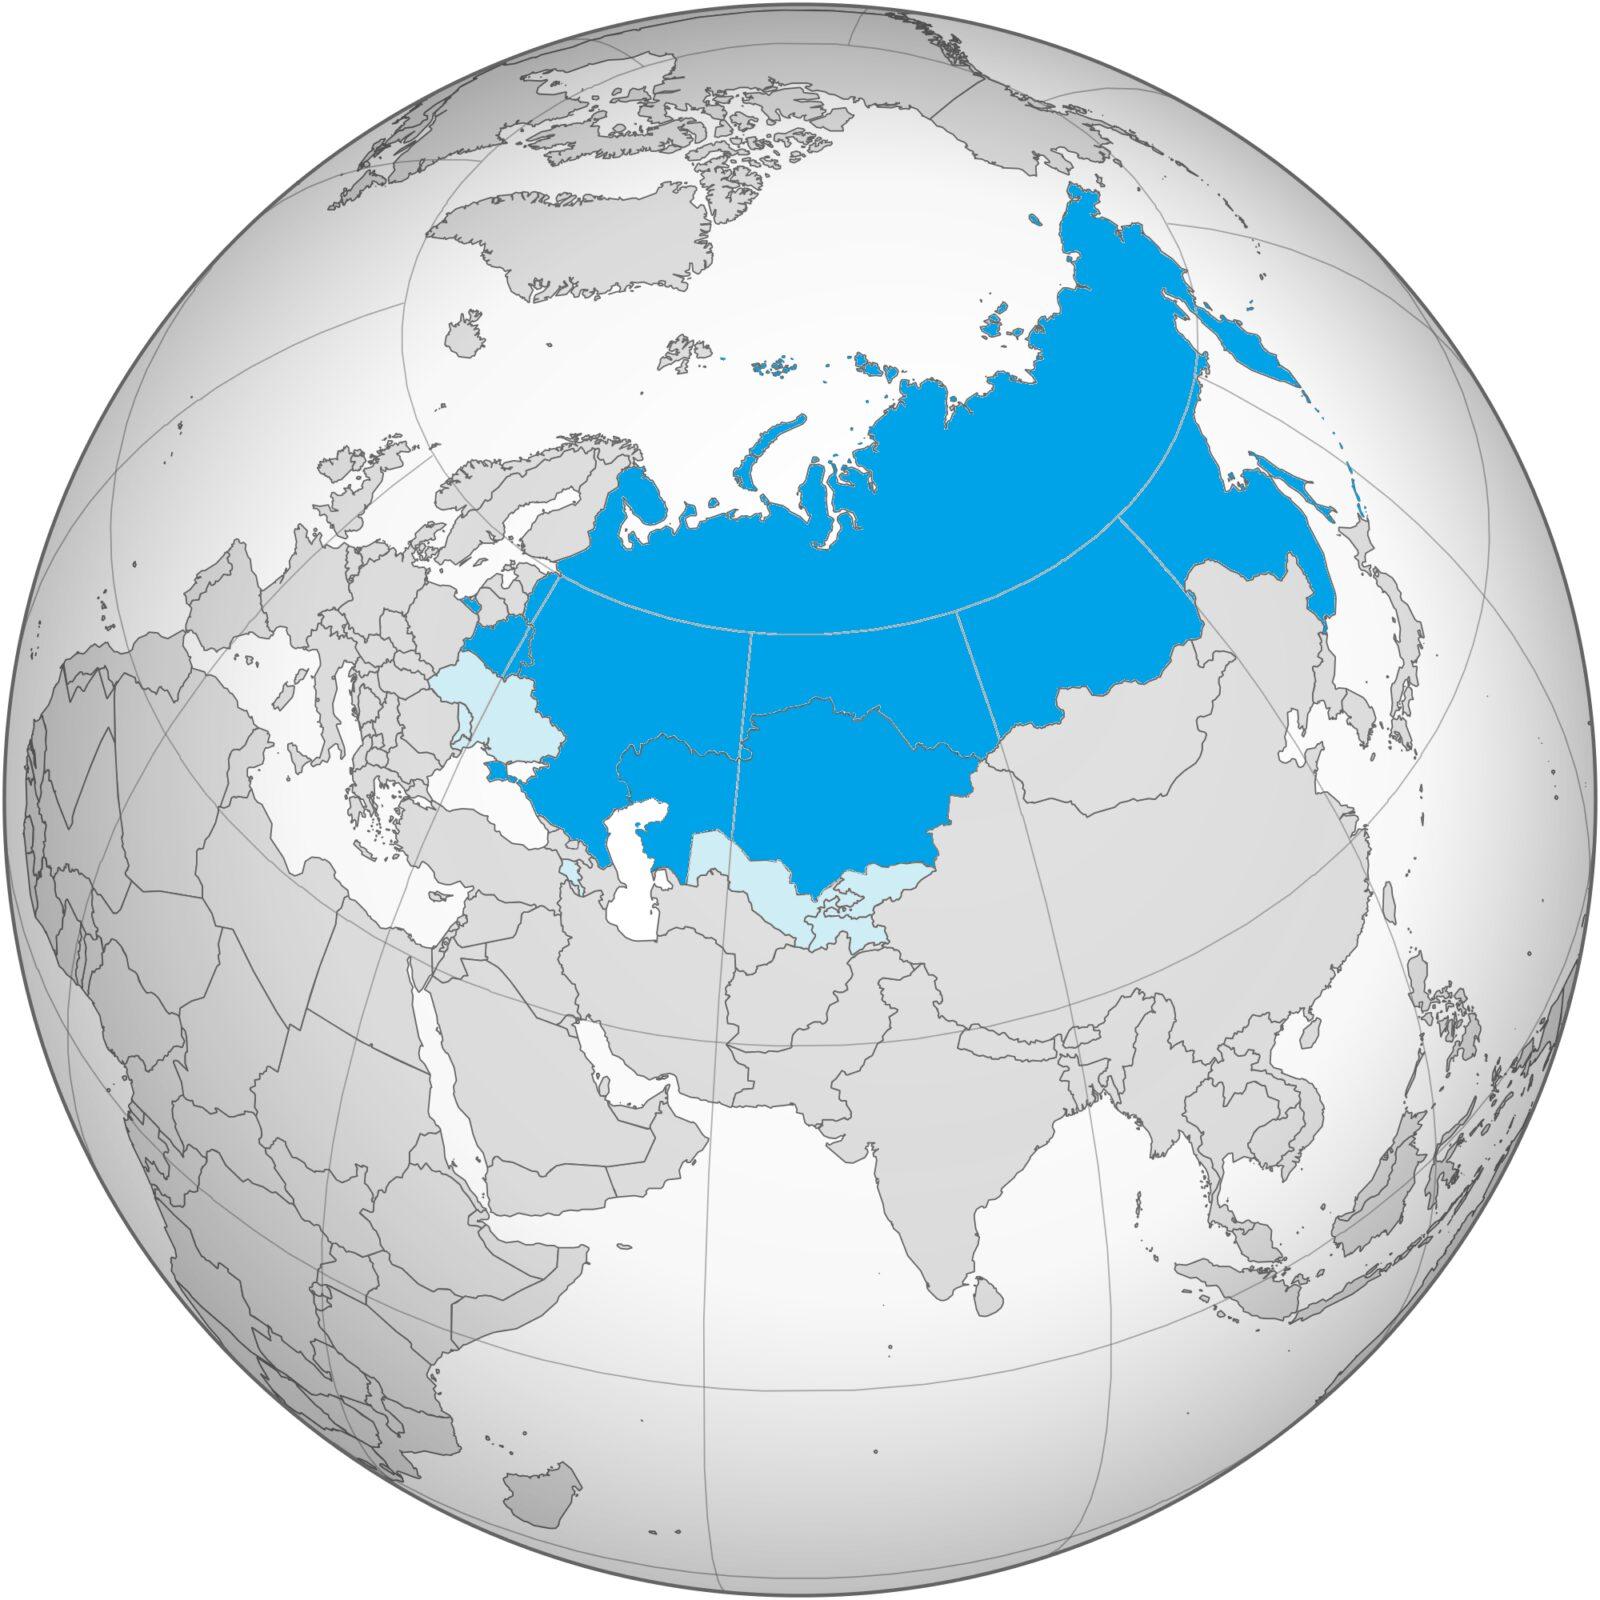 ЕАБР: В Узбекистане и Таджикистане наиболее высокая поддержка евразийской интеграции